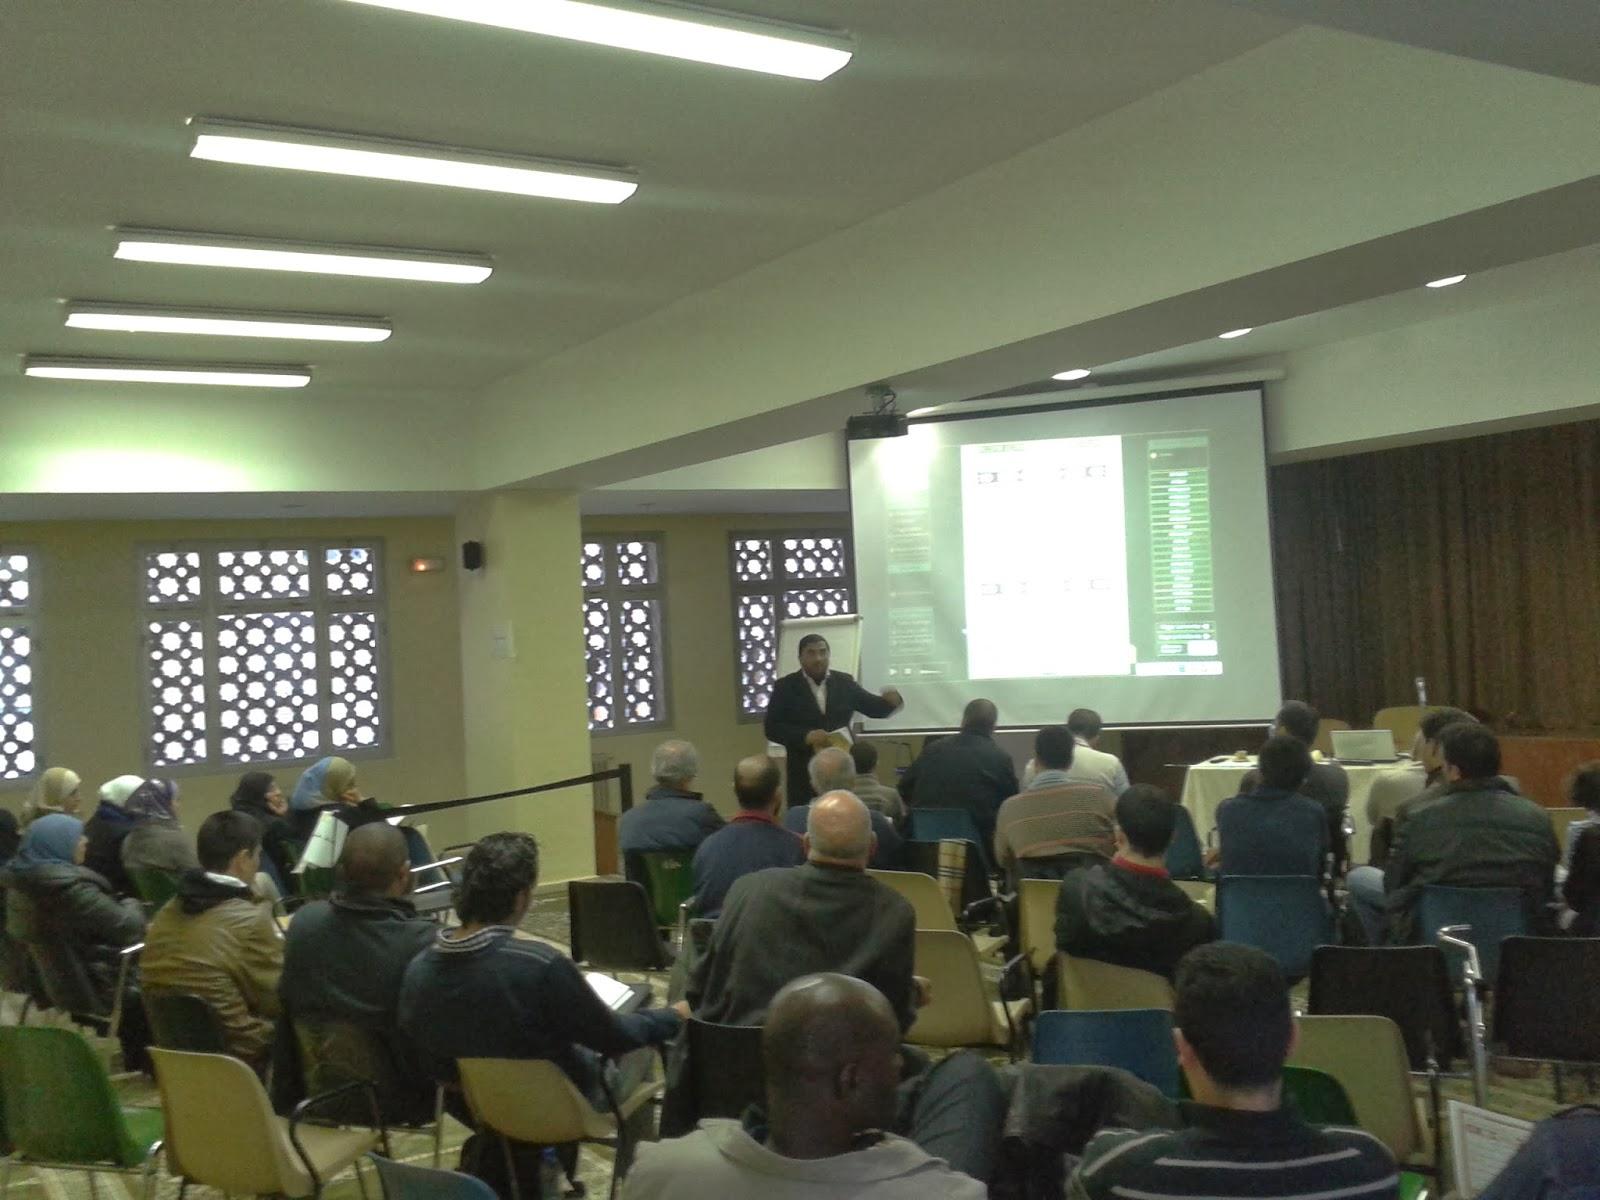 الدورة الثالثة لتكوين أساتذة اللغة العربية على القاعدة المكية